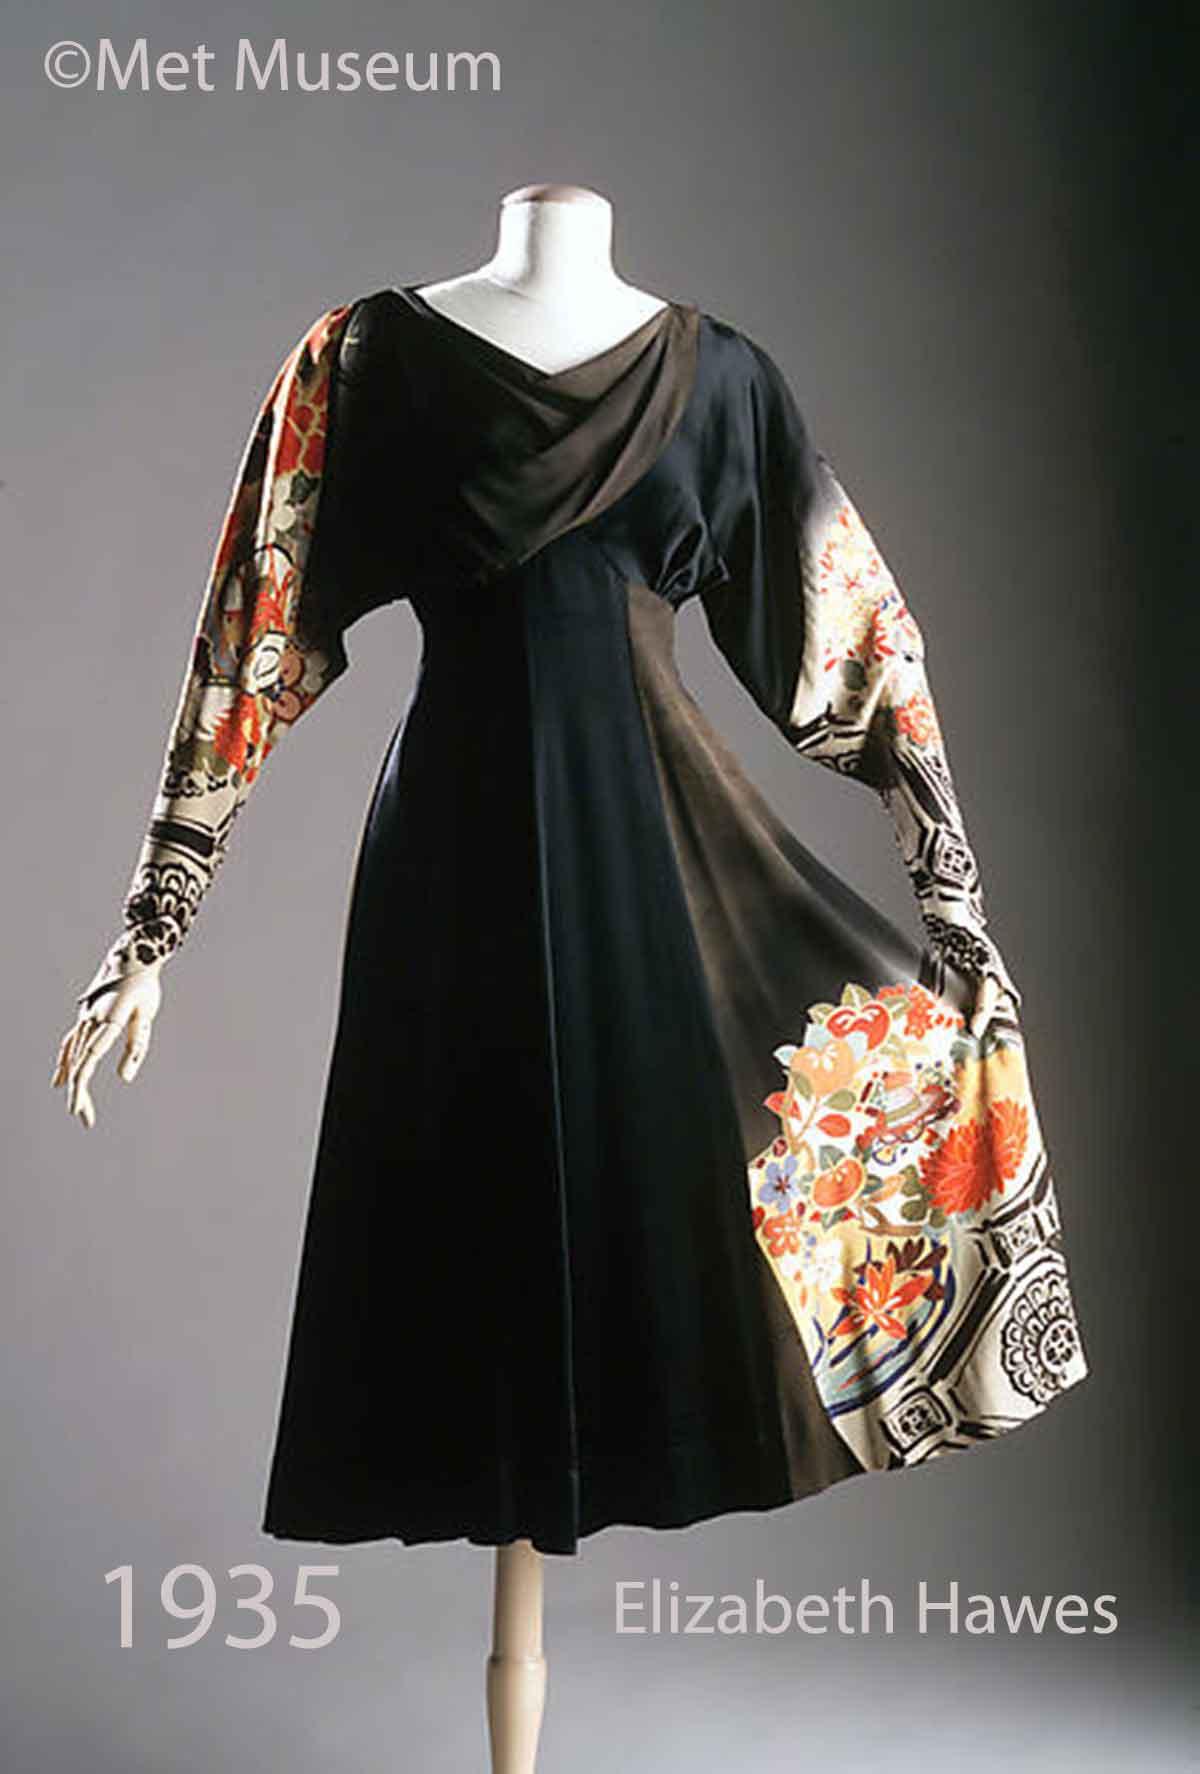 Elizabeth-Hawes-dress-1935